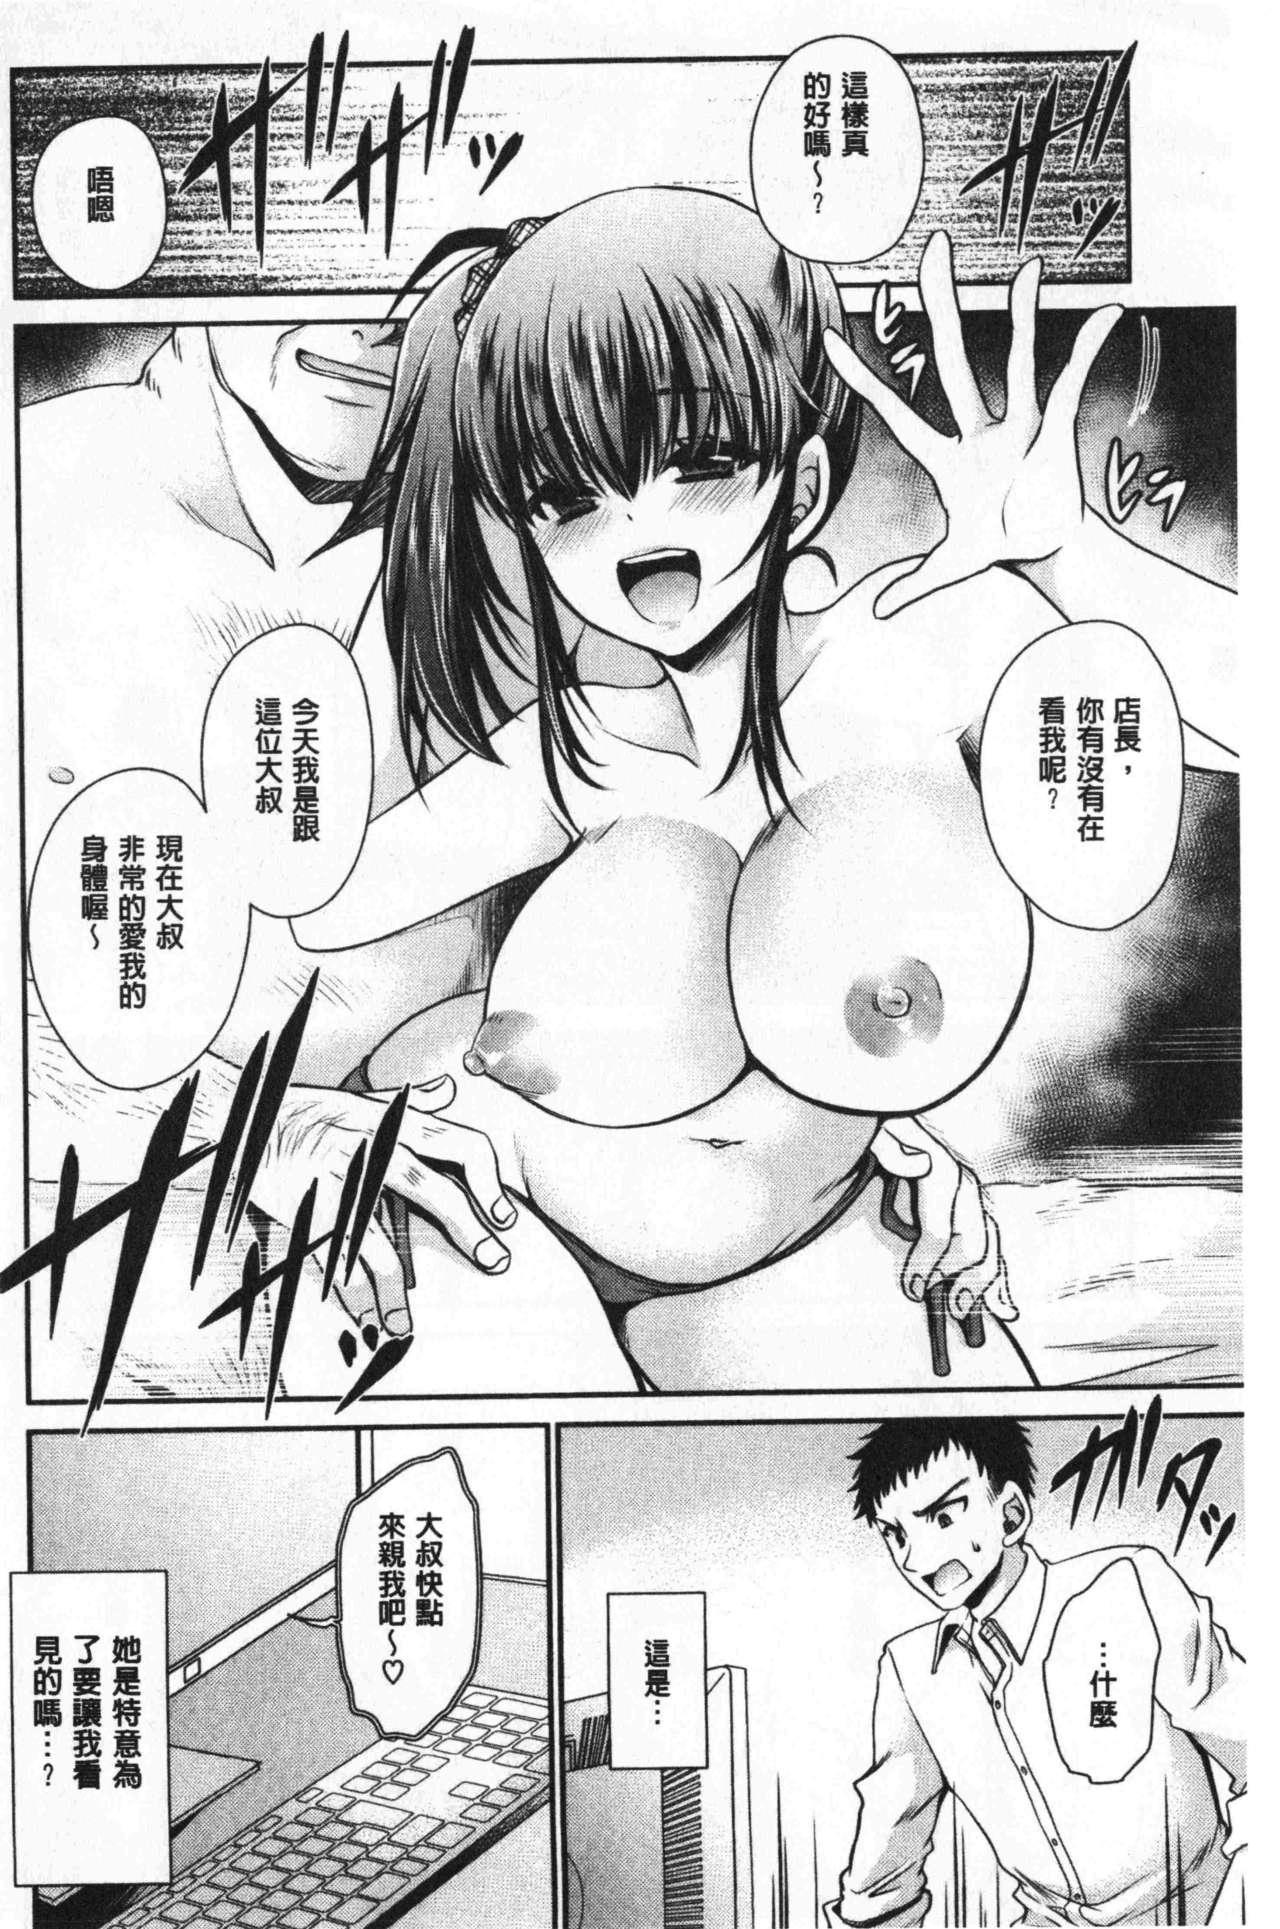 Doku Aru Hana no Amai Mitsu   毒淫花的甘甜蜜 135